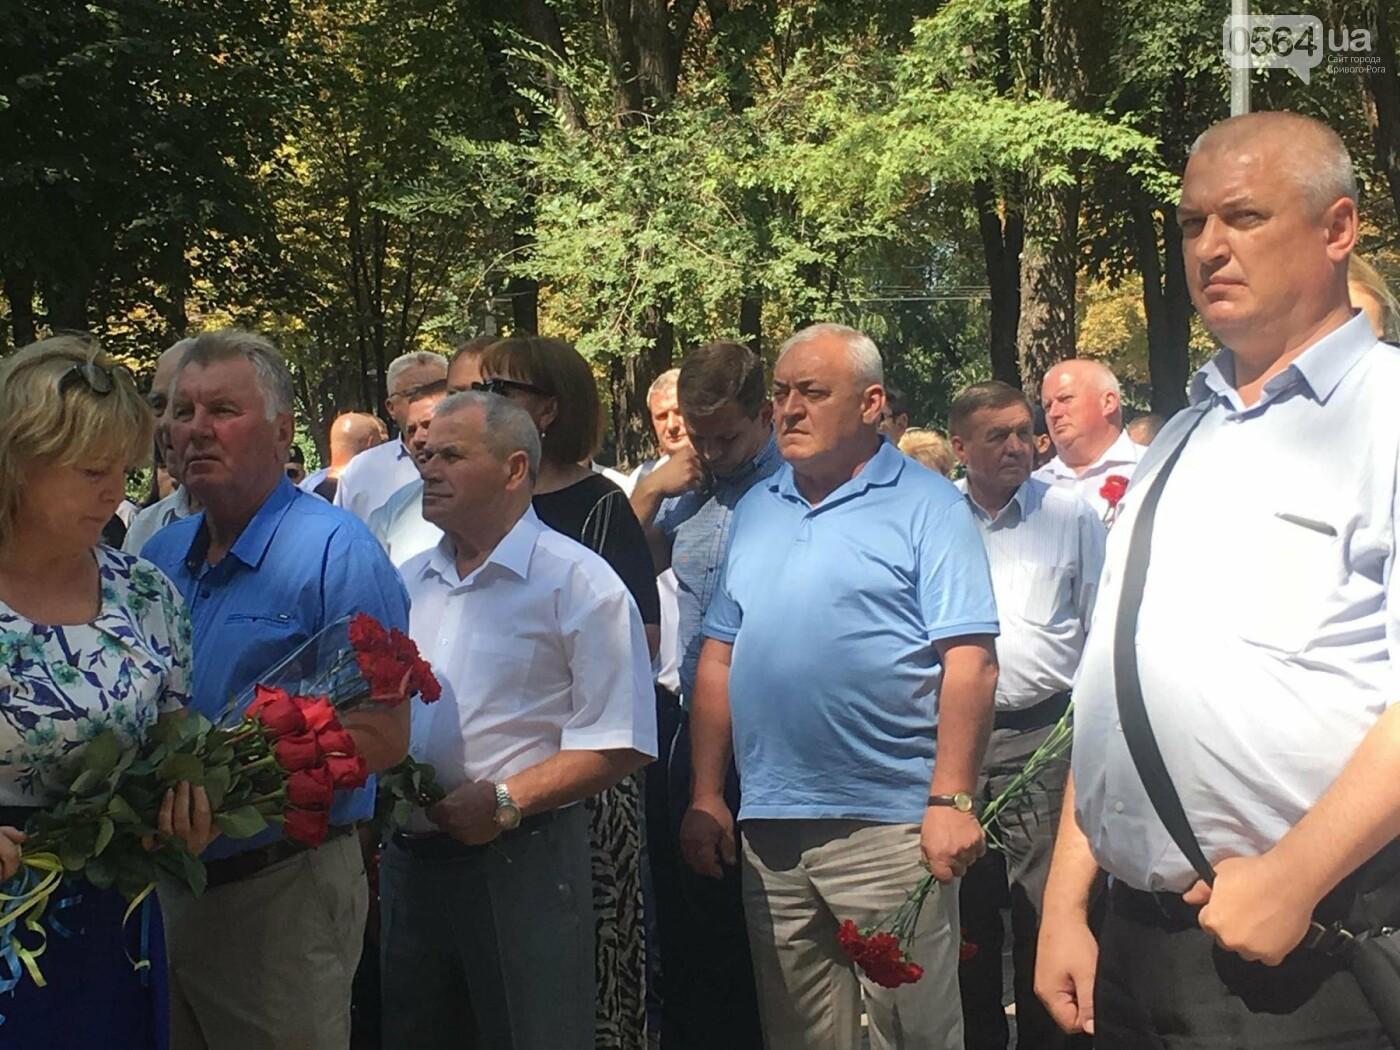 Руководство города и депутаты возложили цветы к памятнику погибшим в АТО Героям, - ФОТО, ВИДЕО, фото-4